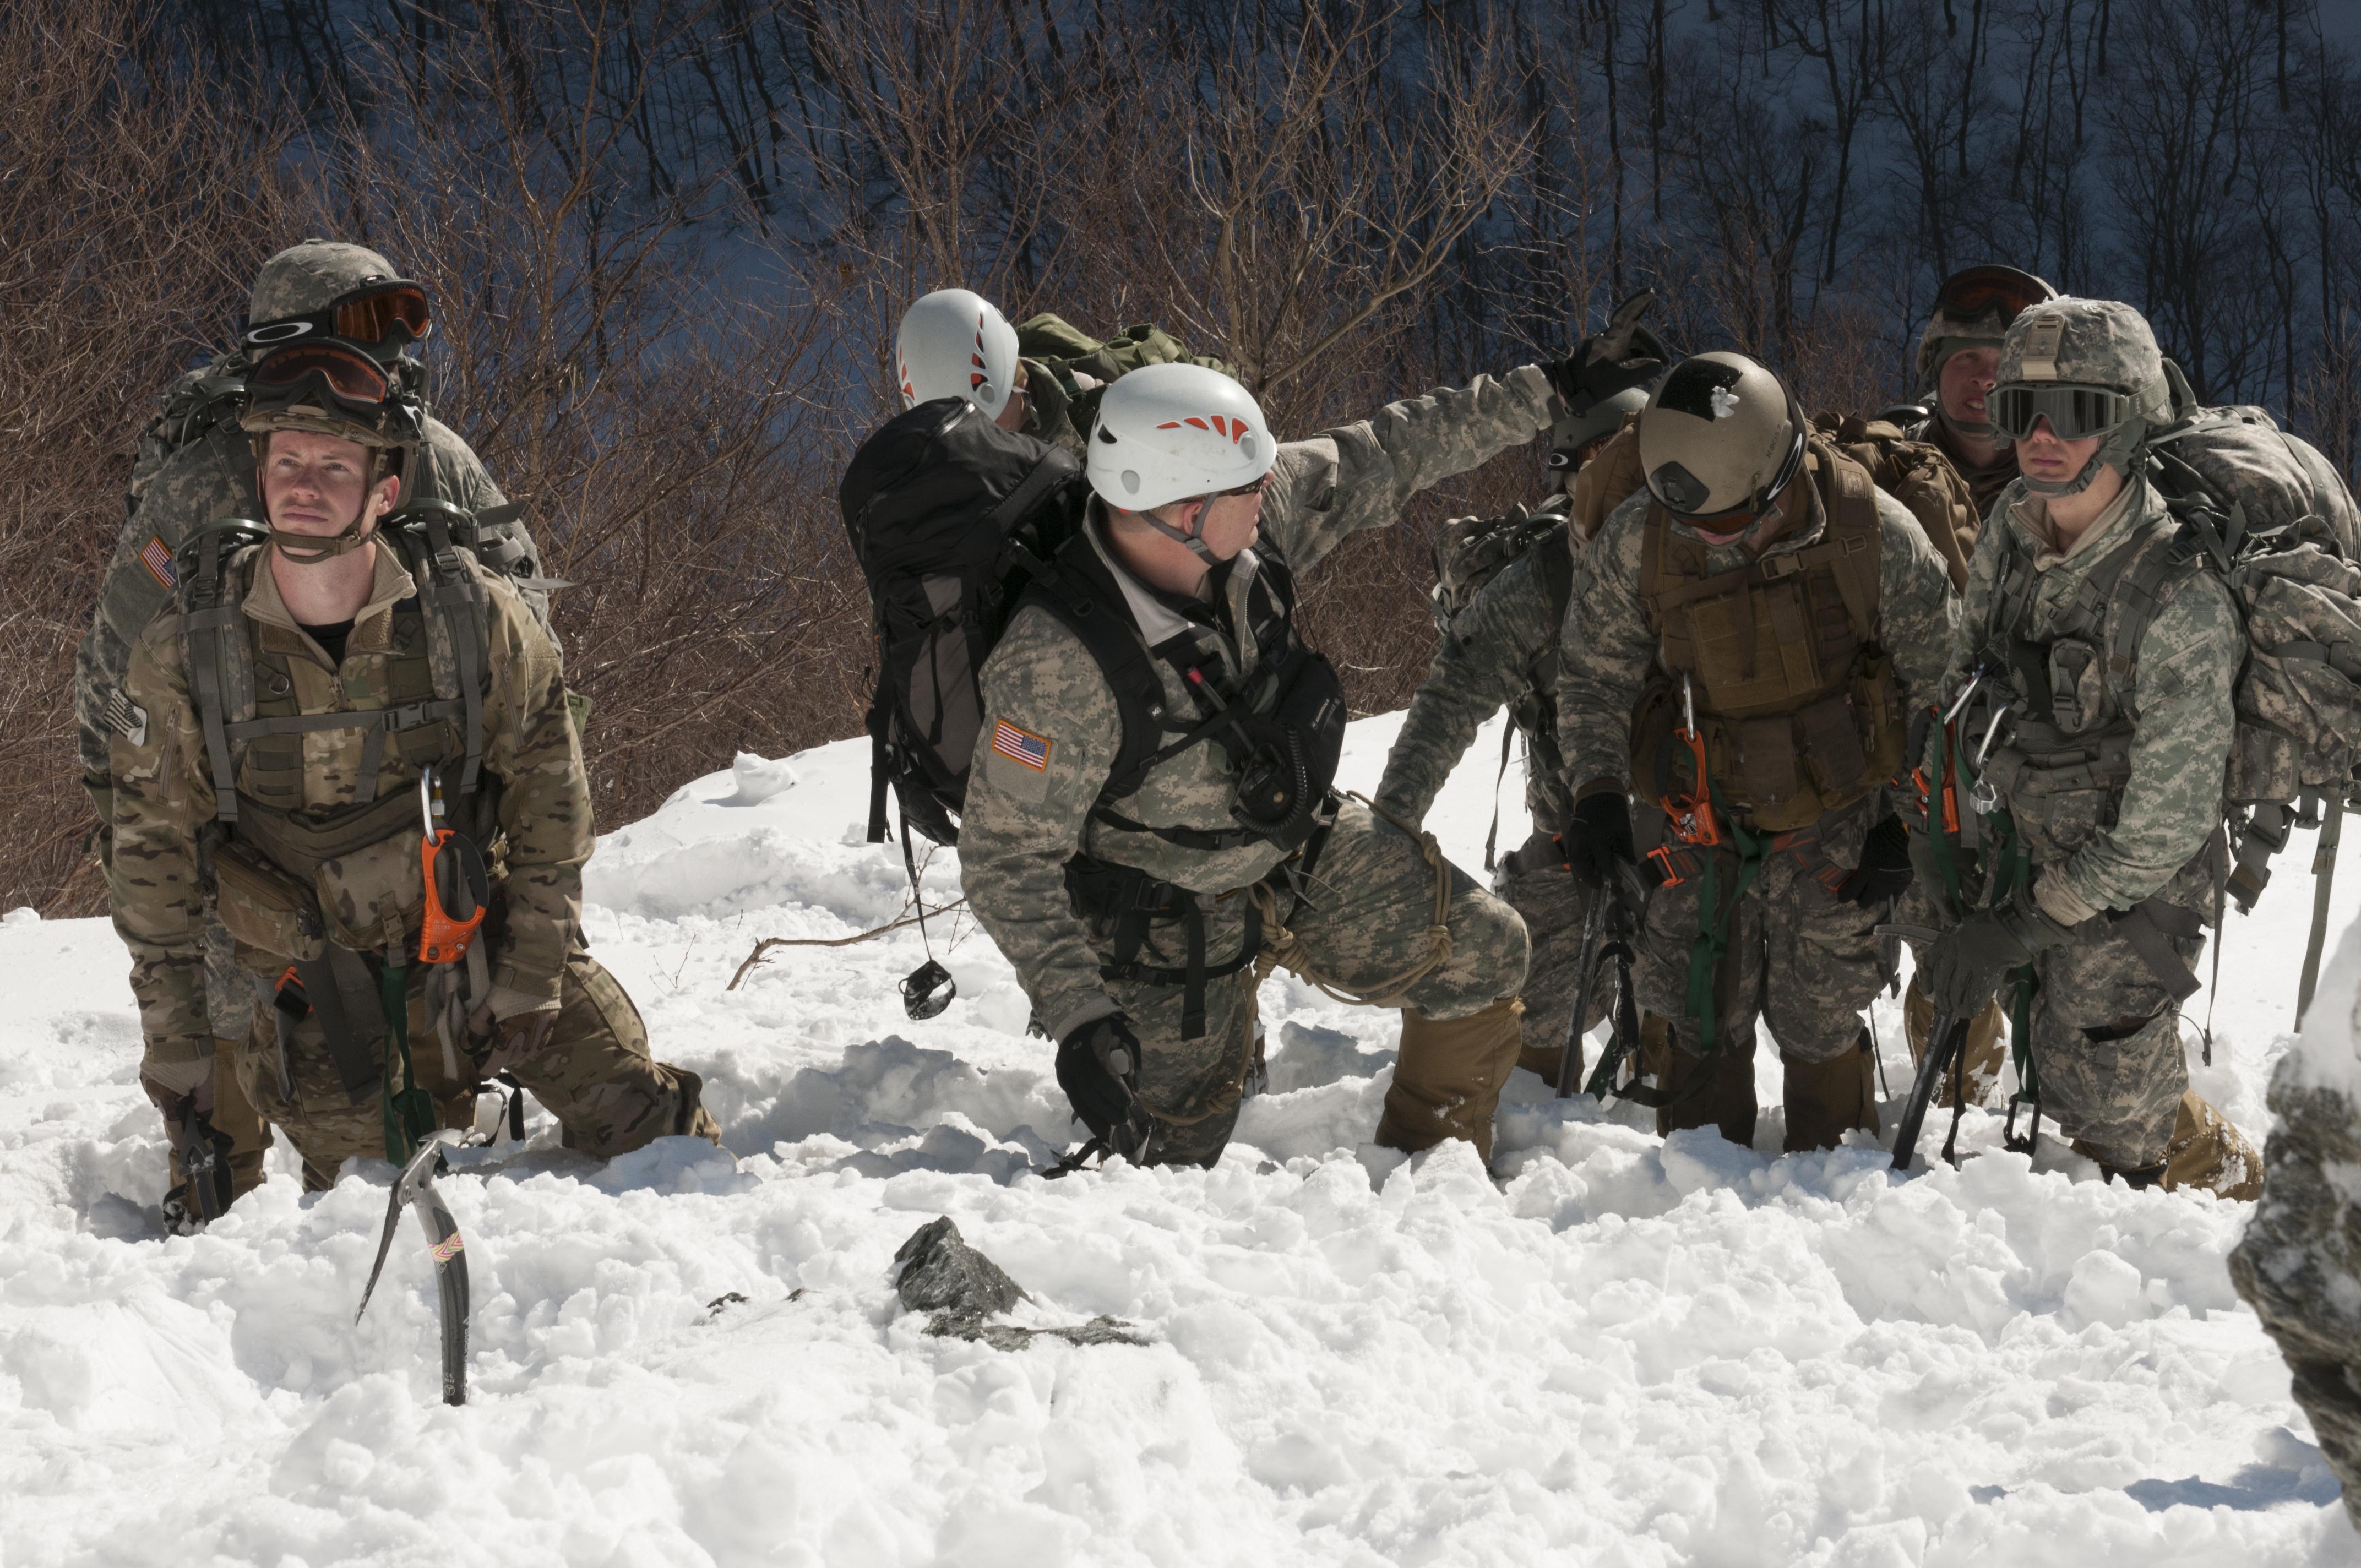 File:Army Mountain Warfare School 140220-Z-KE462-019.jpg